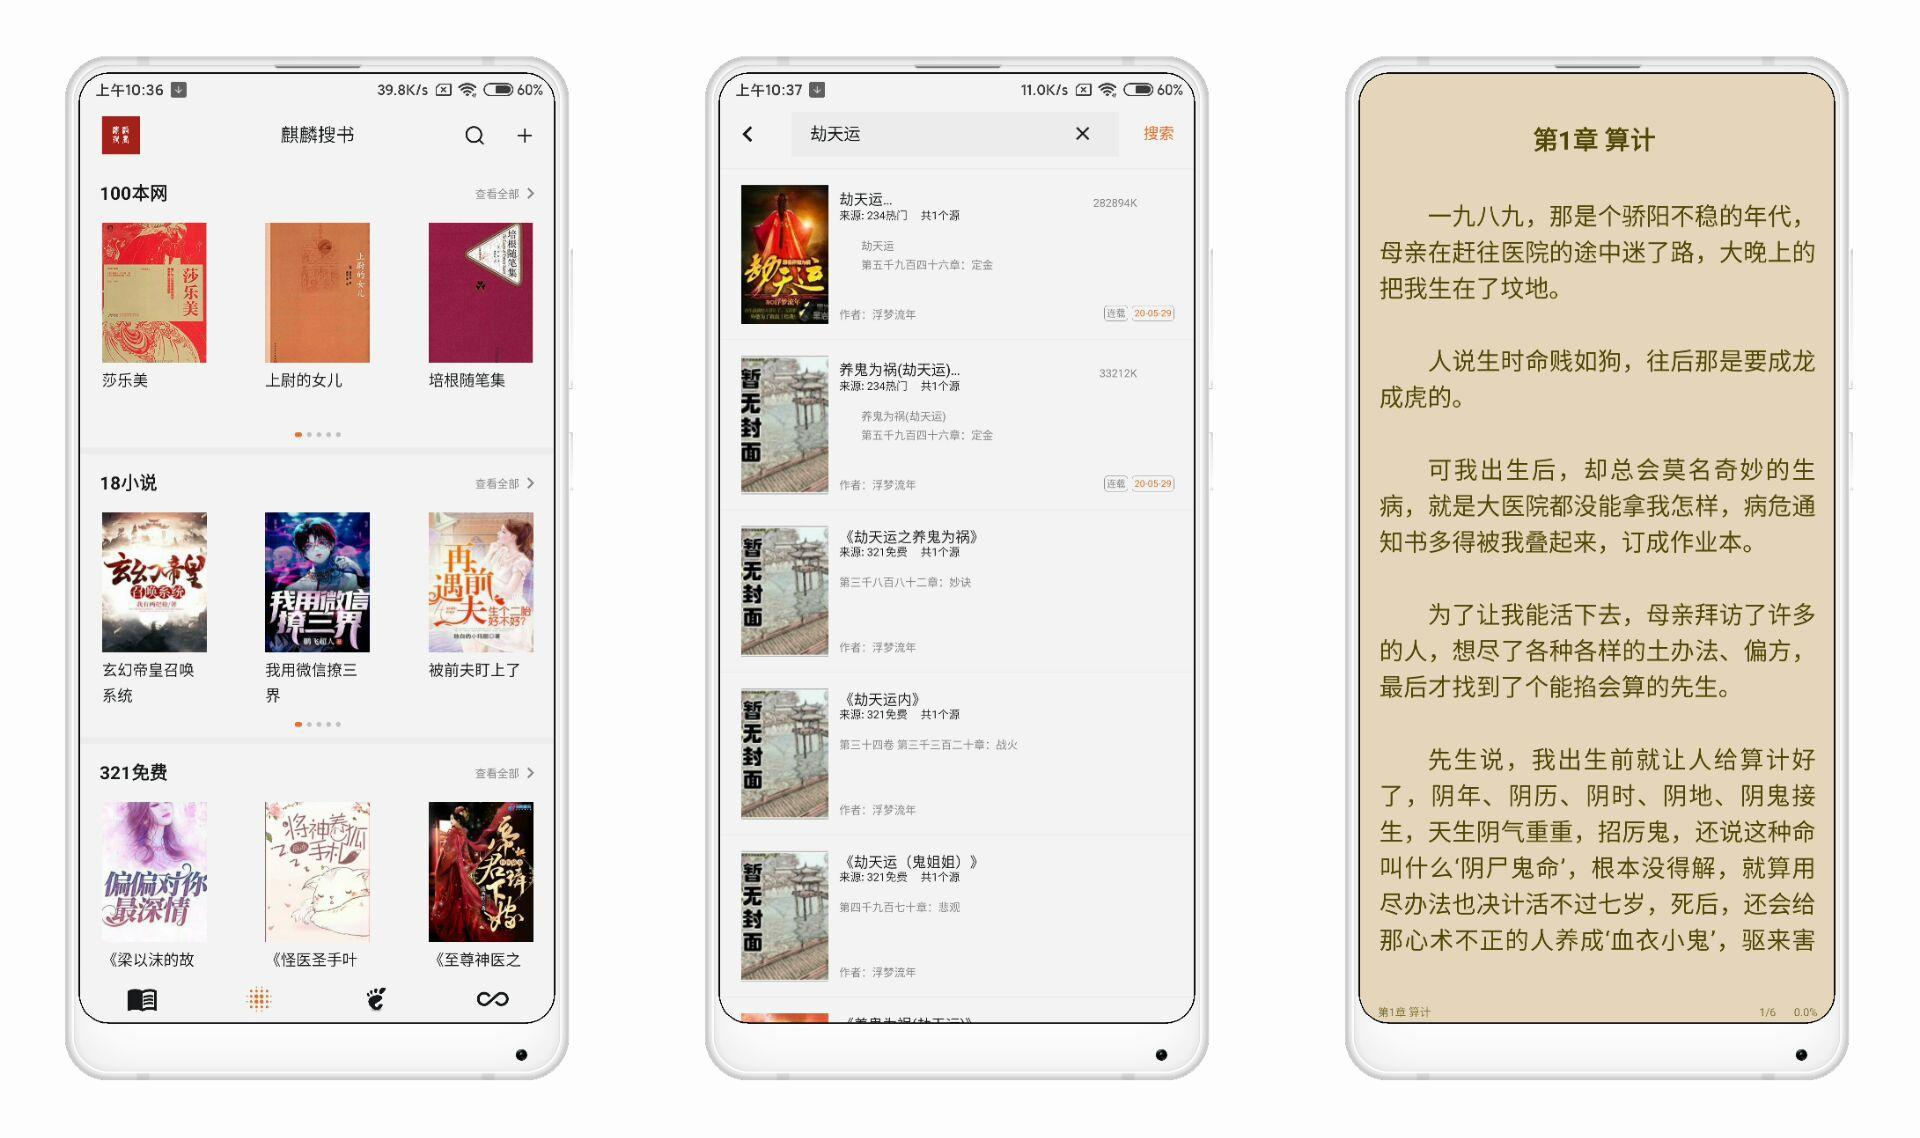 麒麟搜书,支持离线缓存的免费小说阅读软件